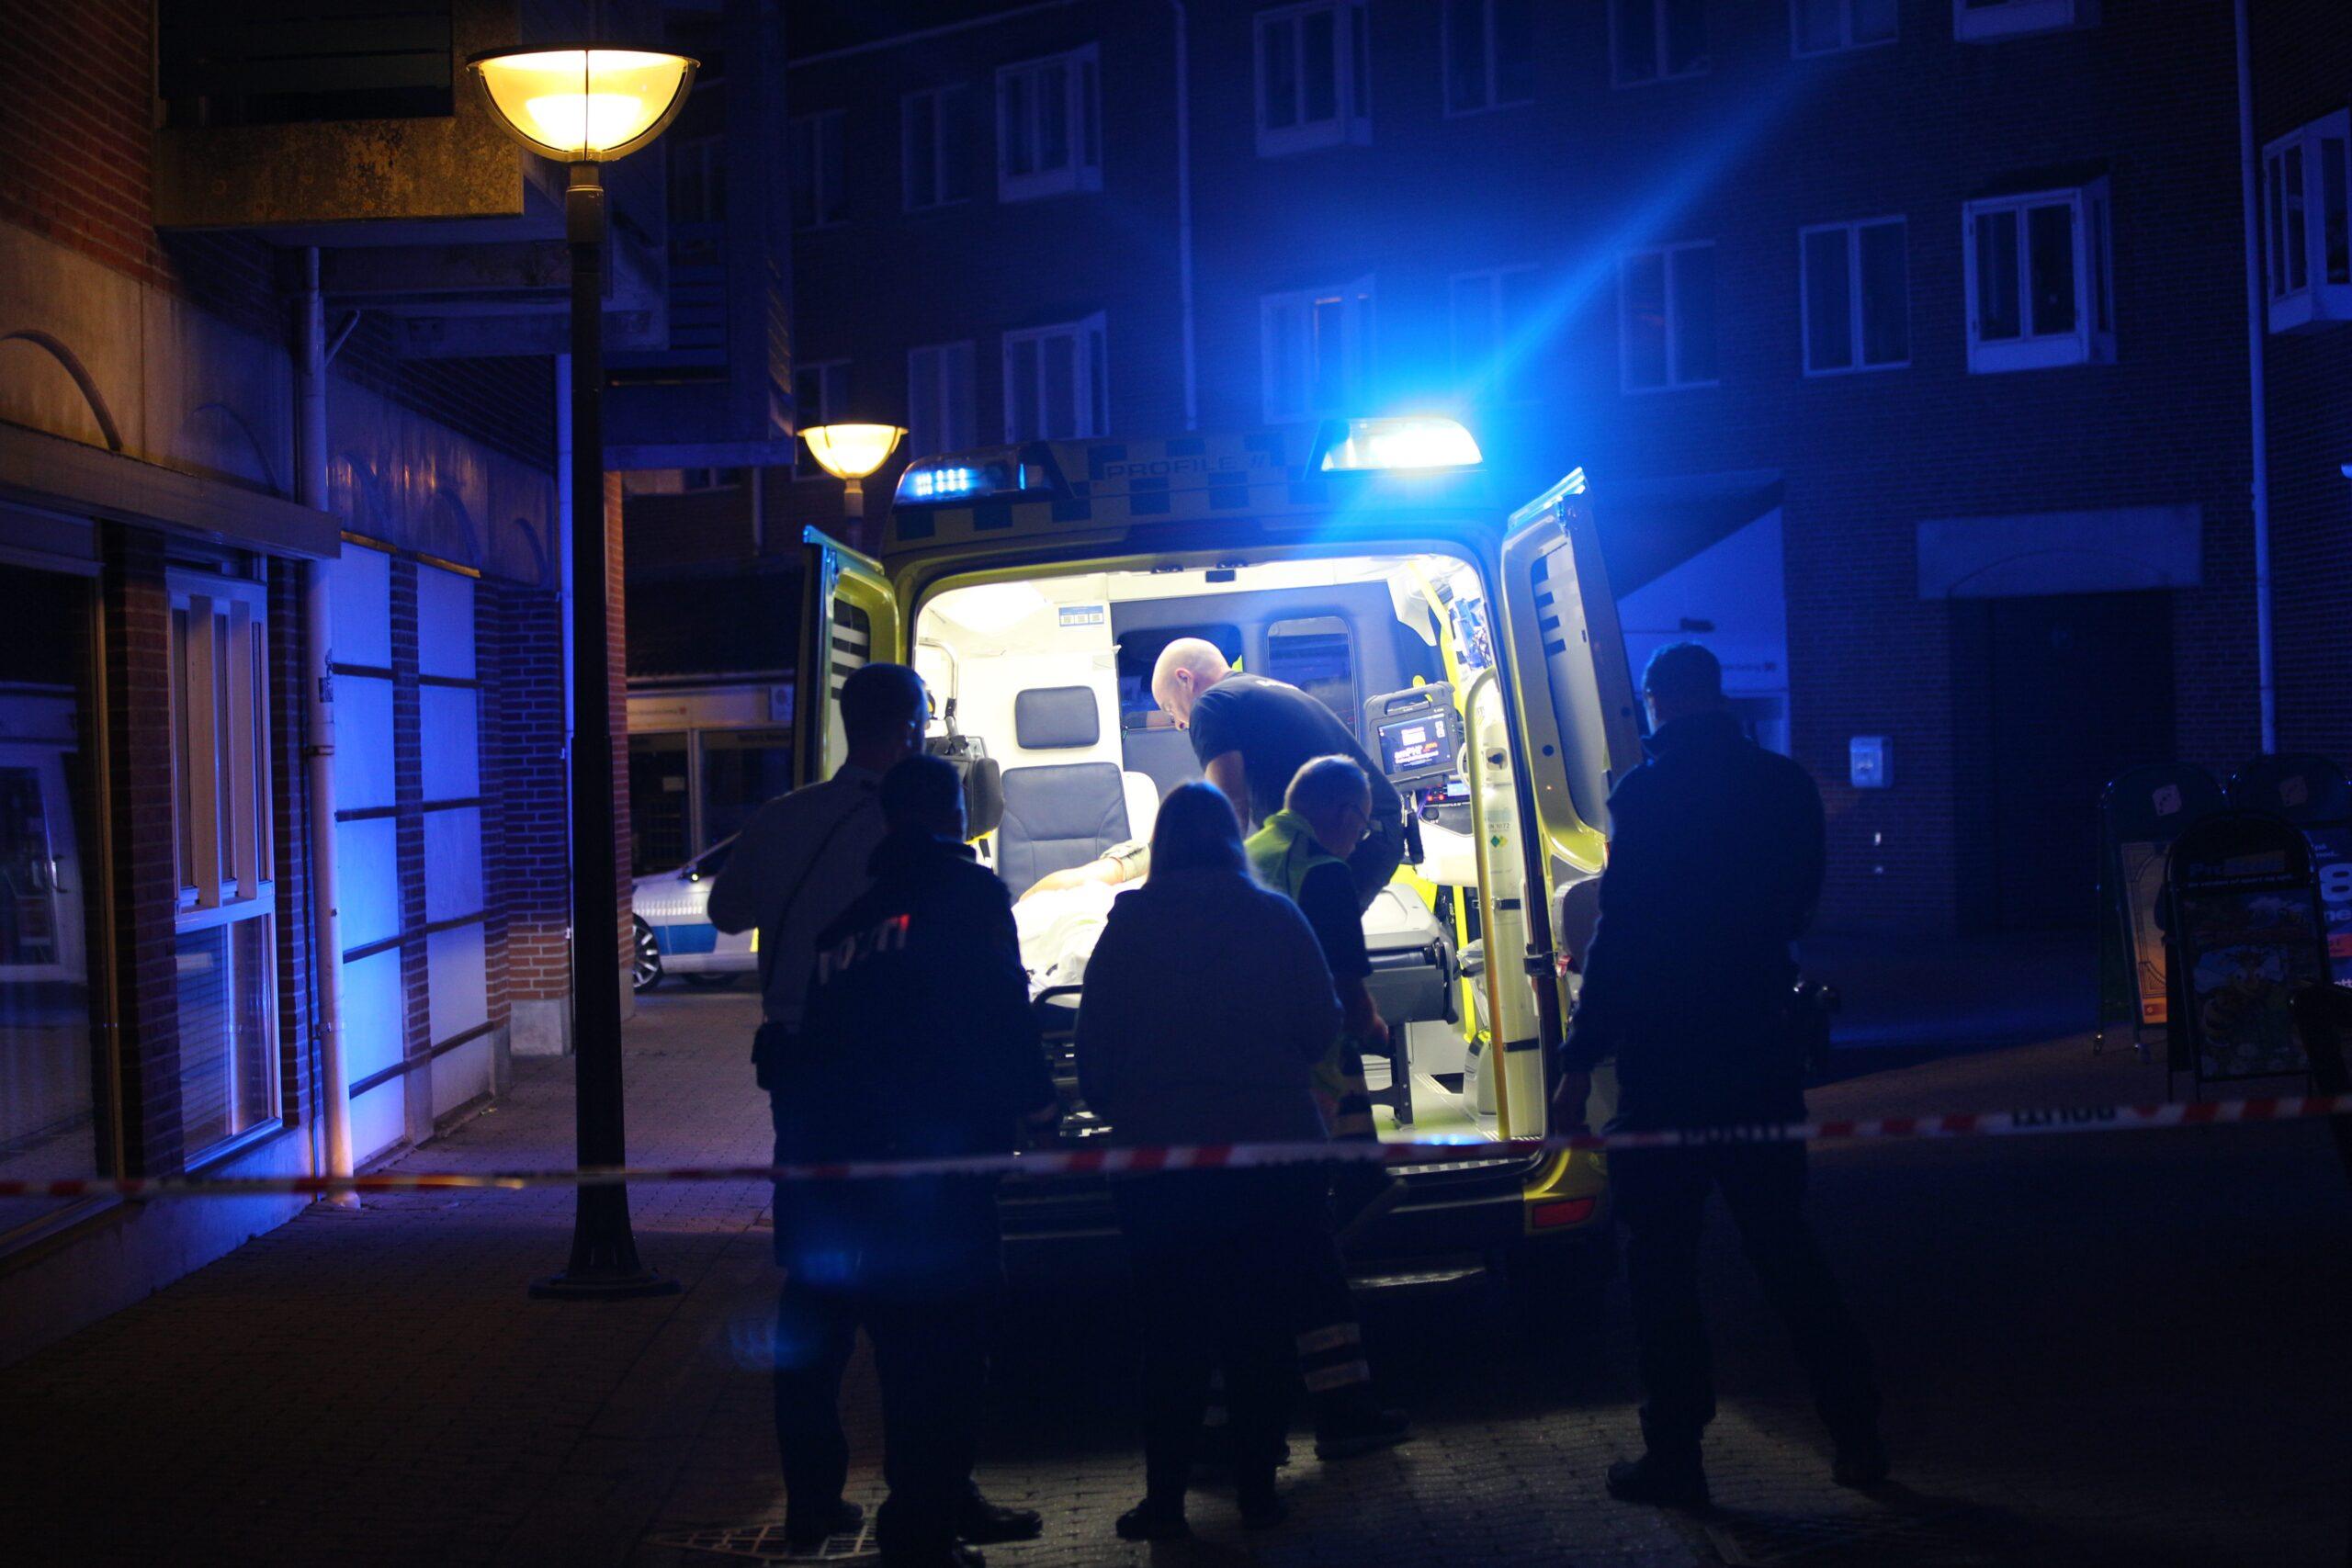 Muligt knivstikkeri i Vejle - politiet er massivt på plads